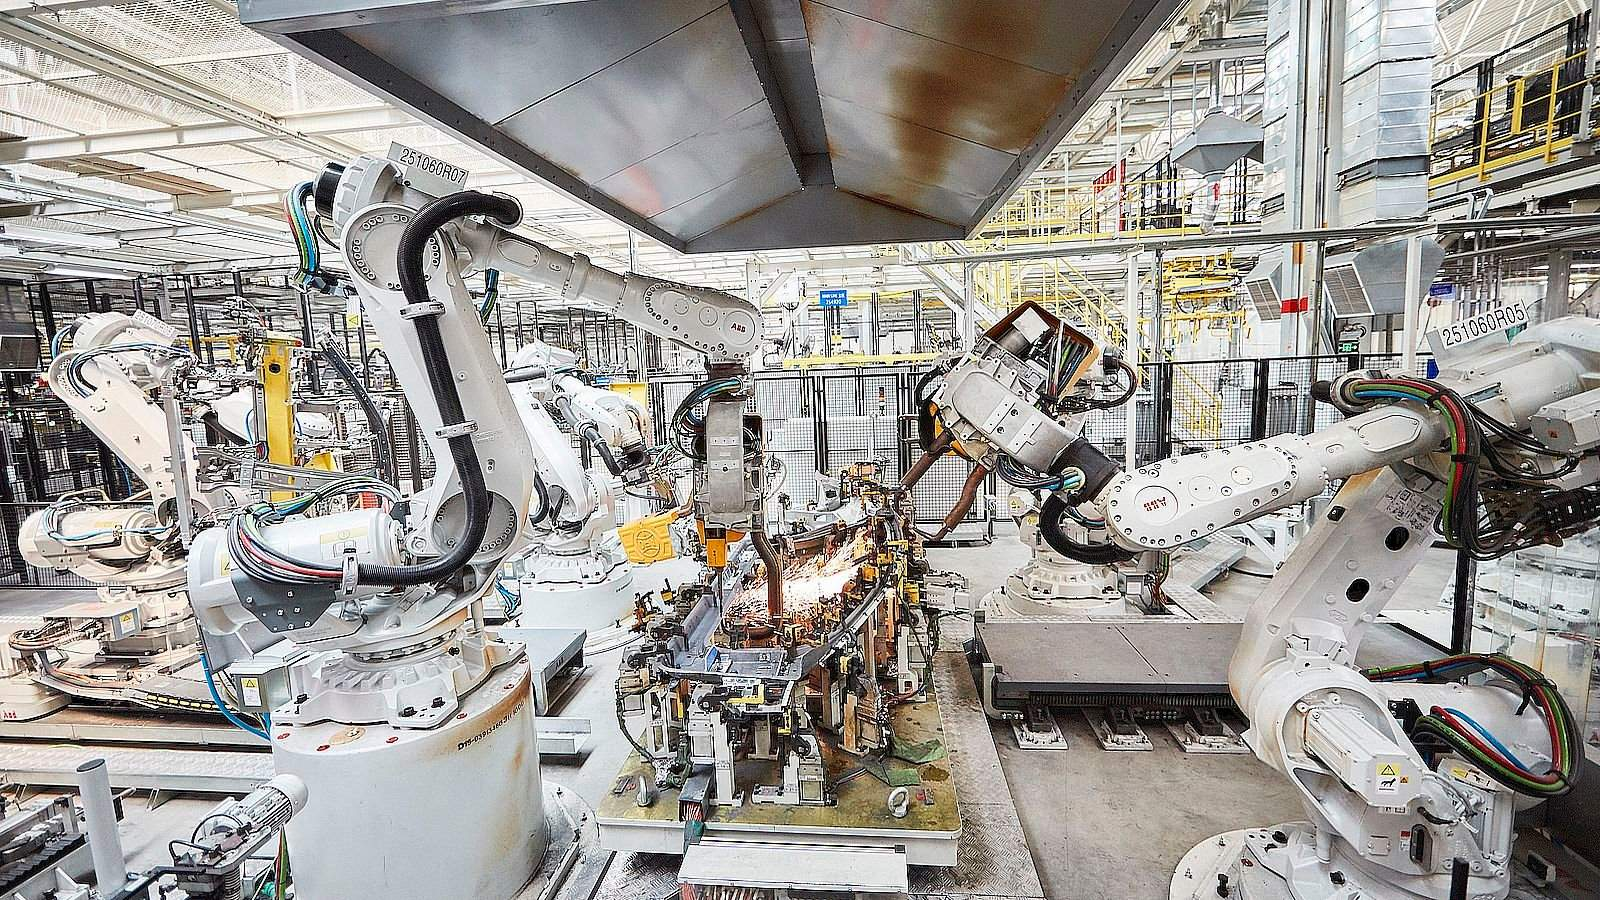 Robots Make Robots